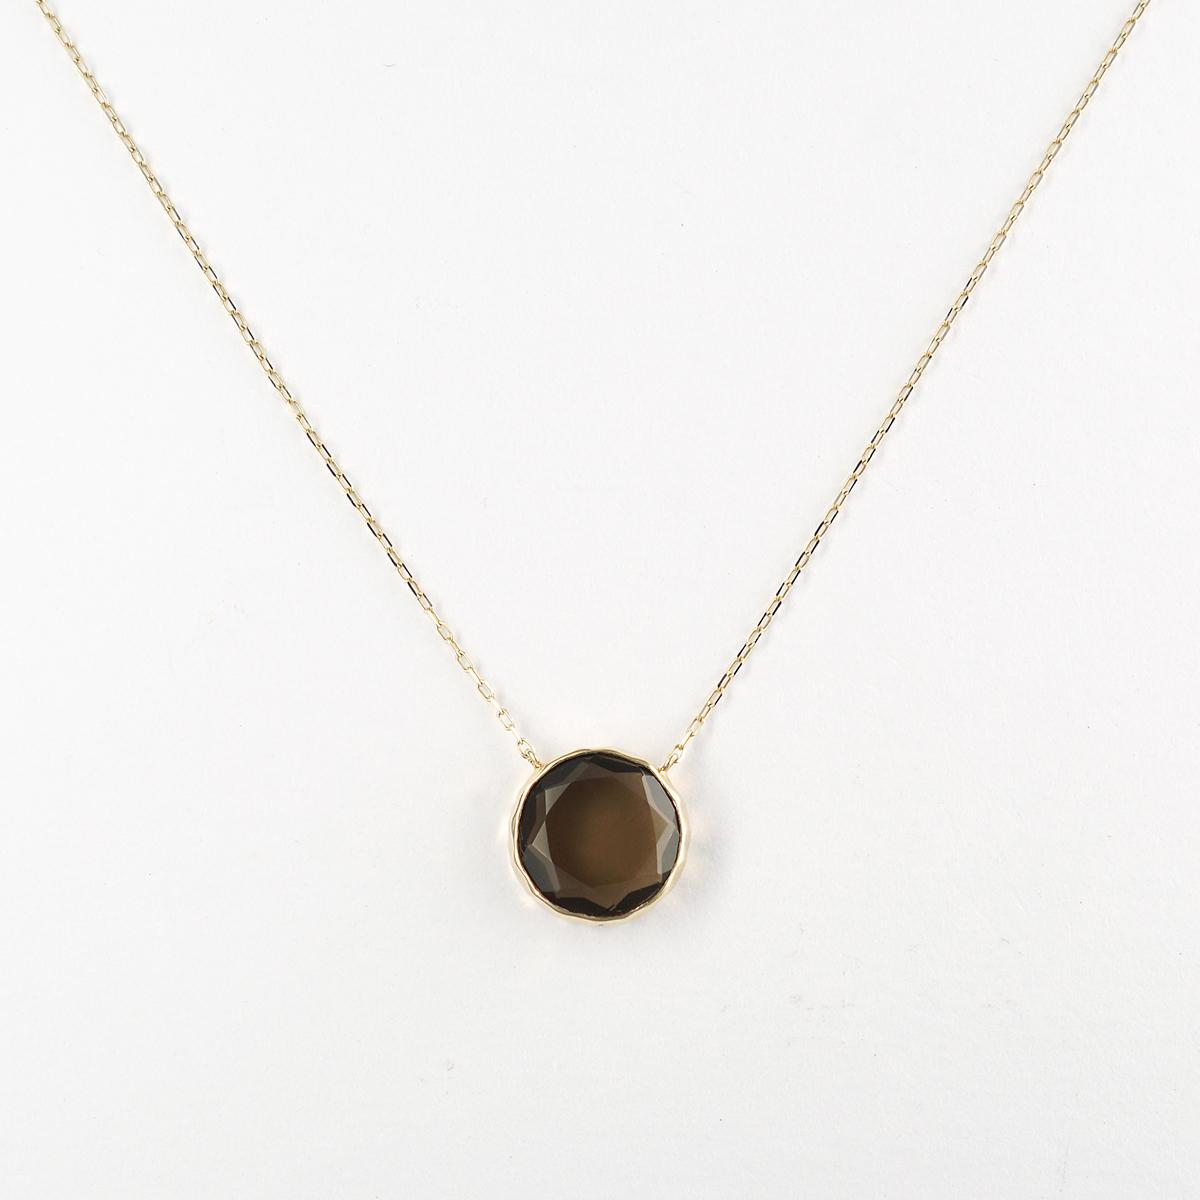 Marbles smoky quartz necklace